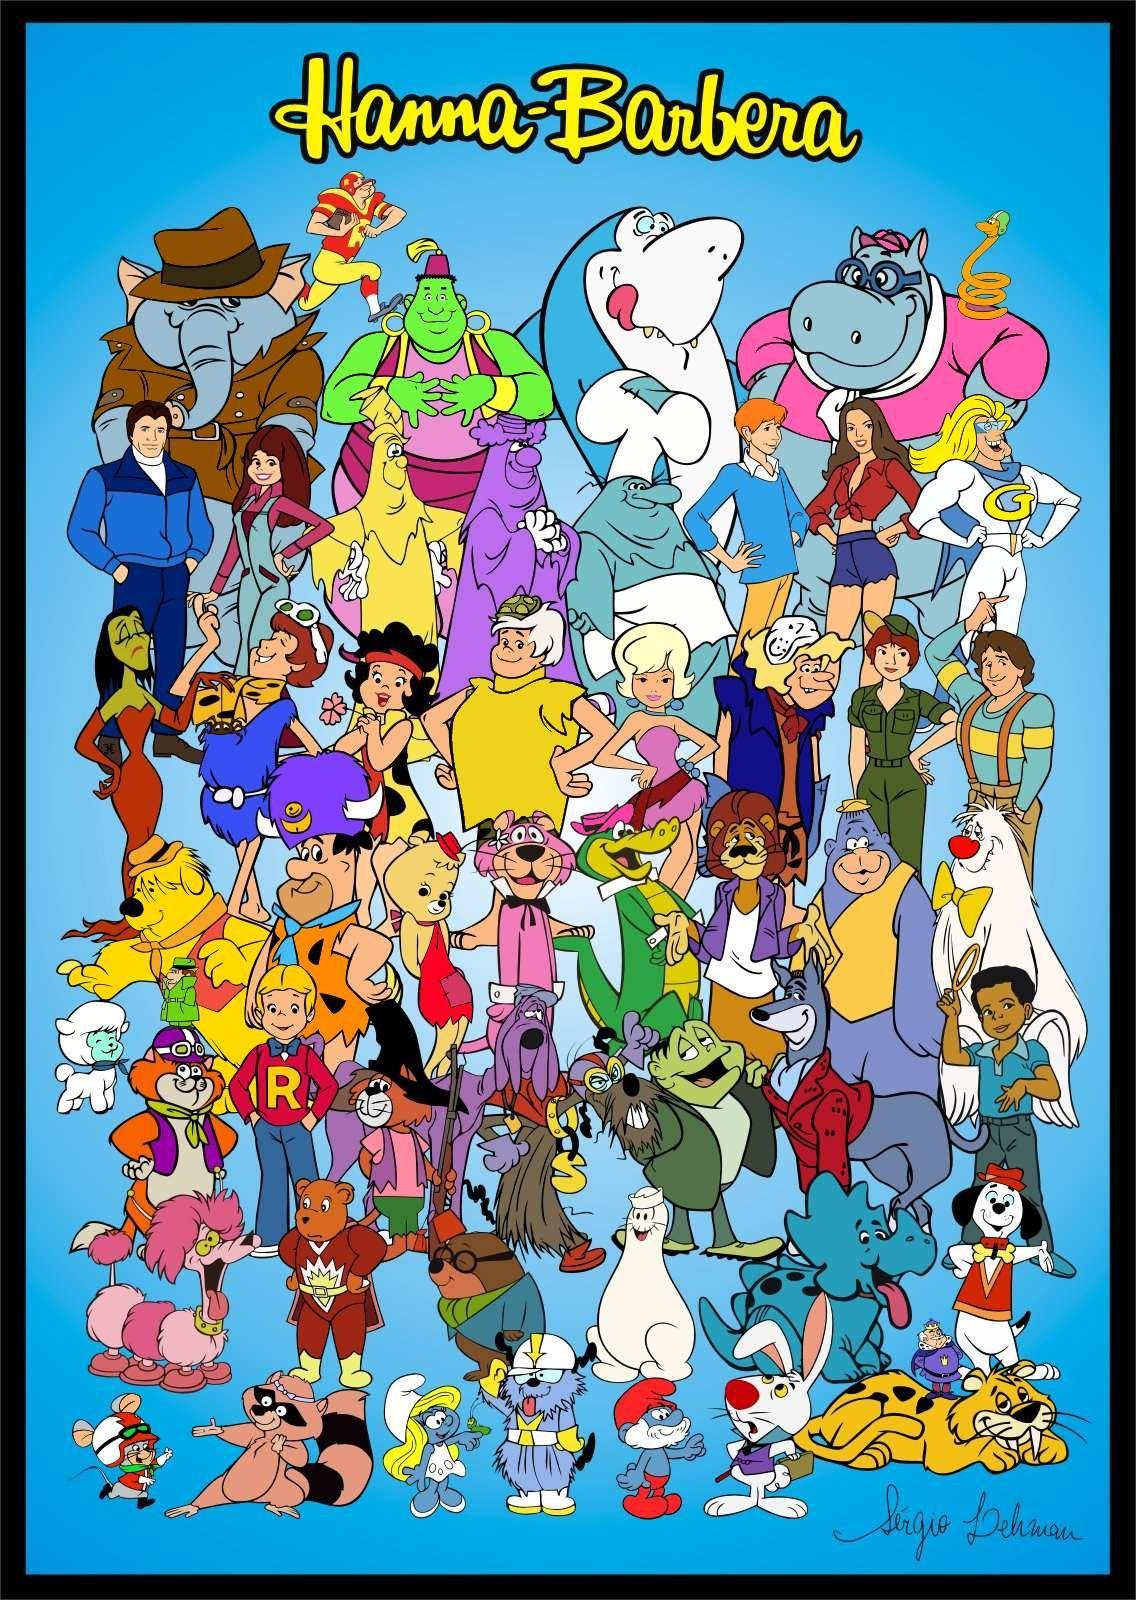 Hanna Barbera!